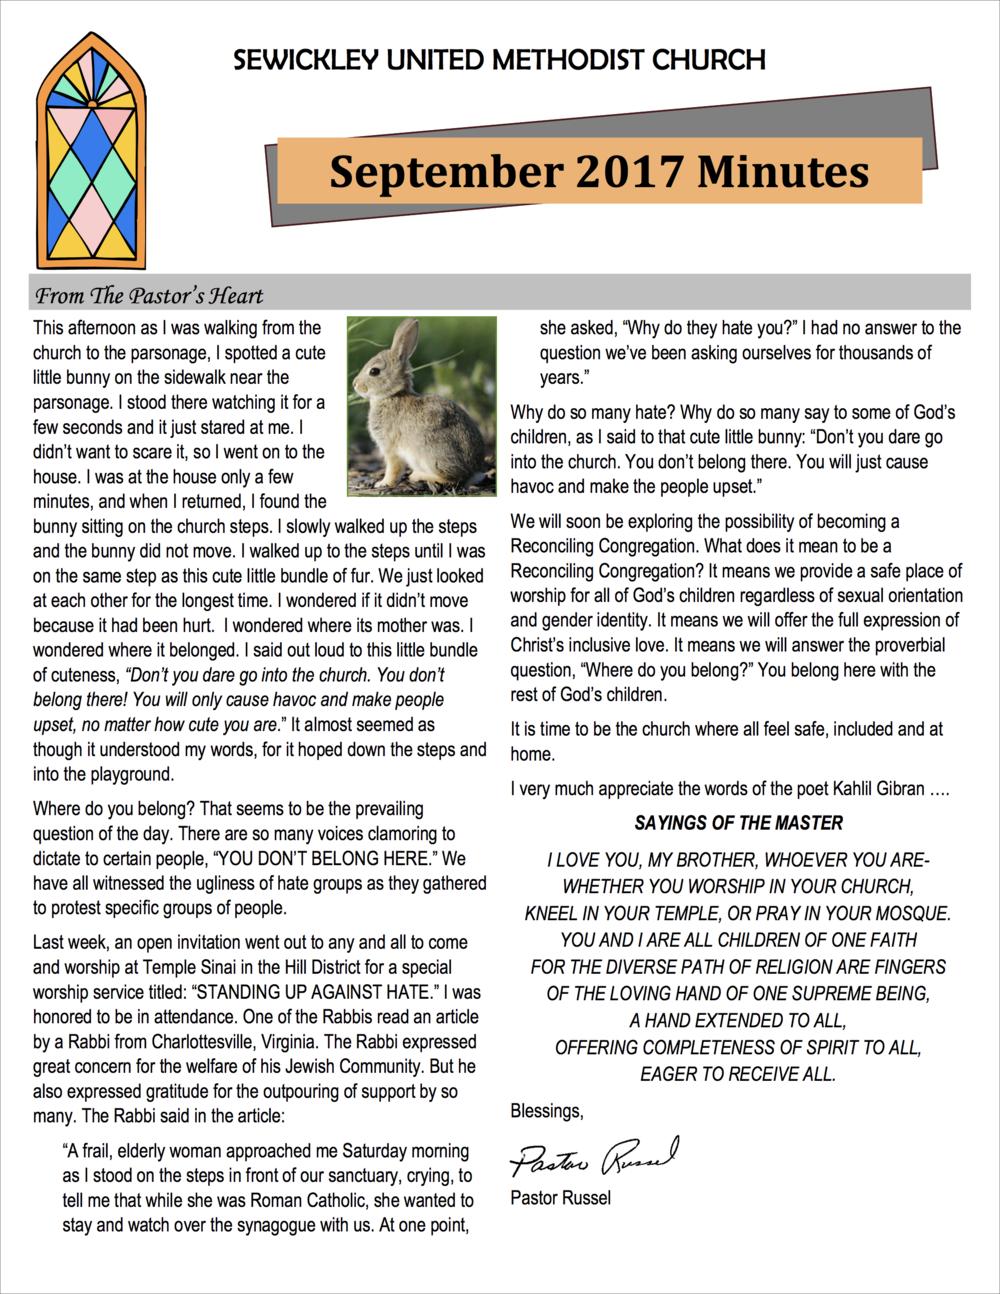 September 2017 Minutes.png